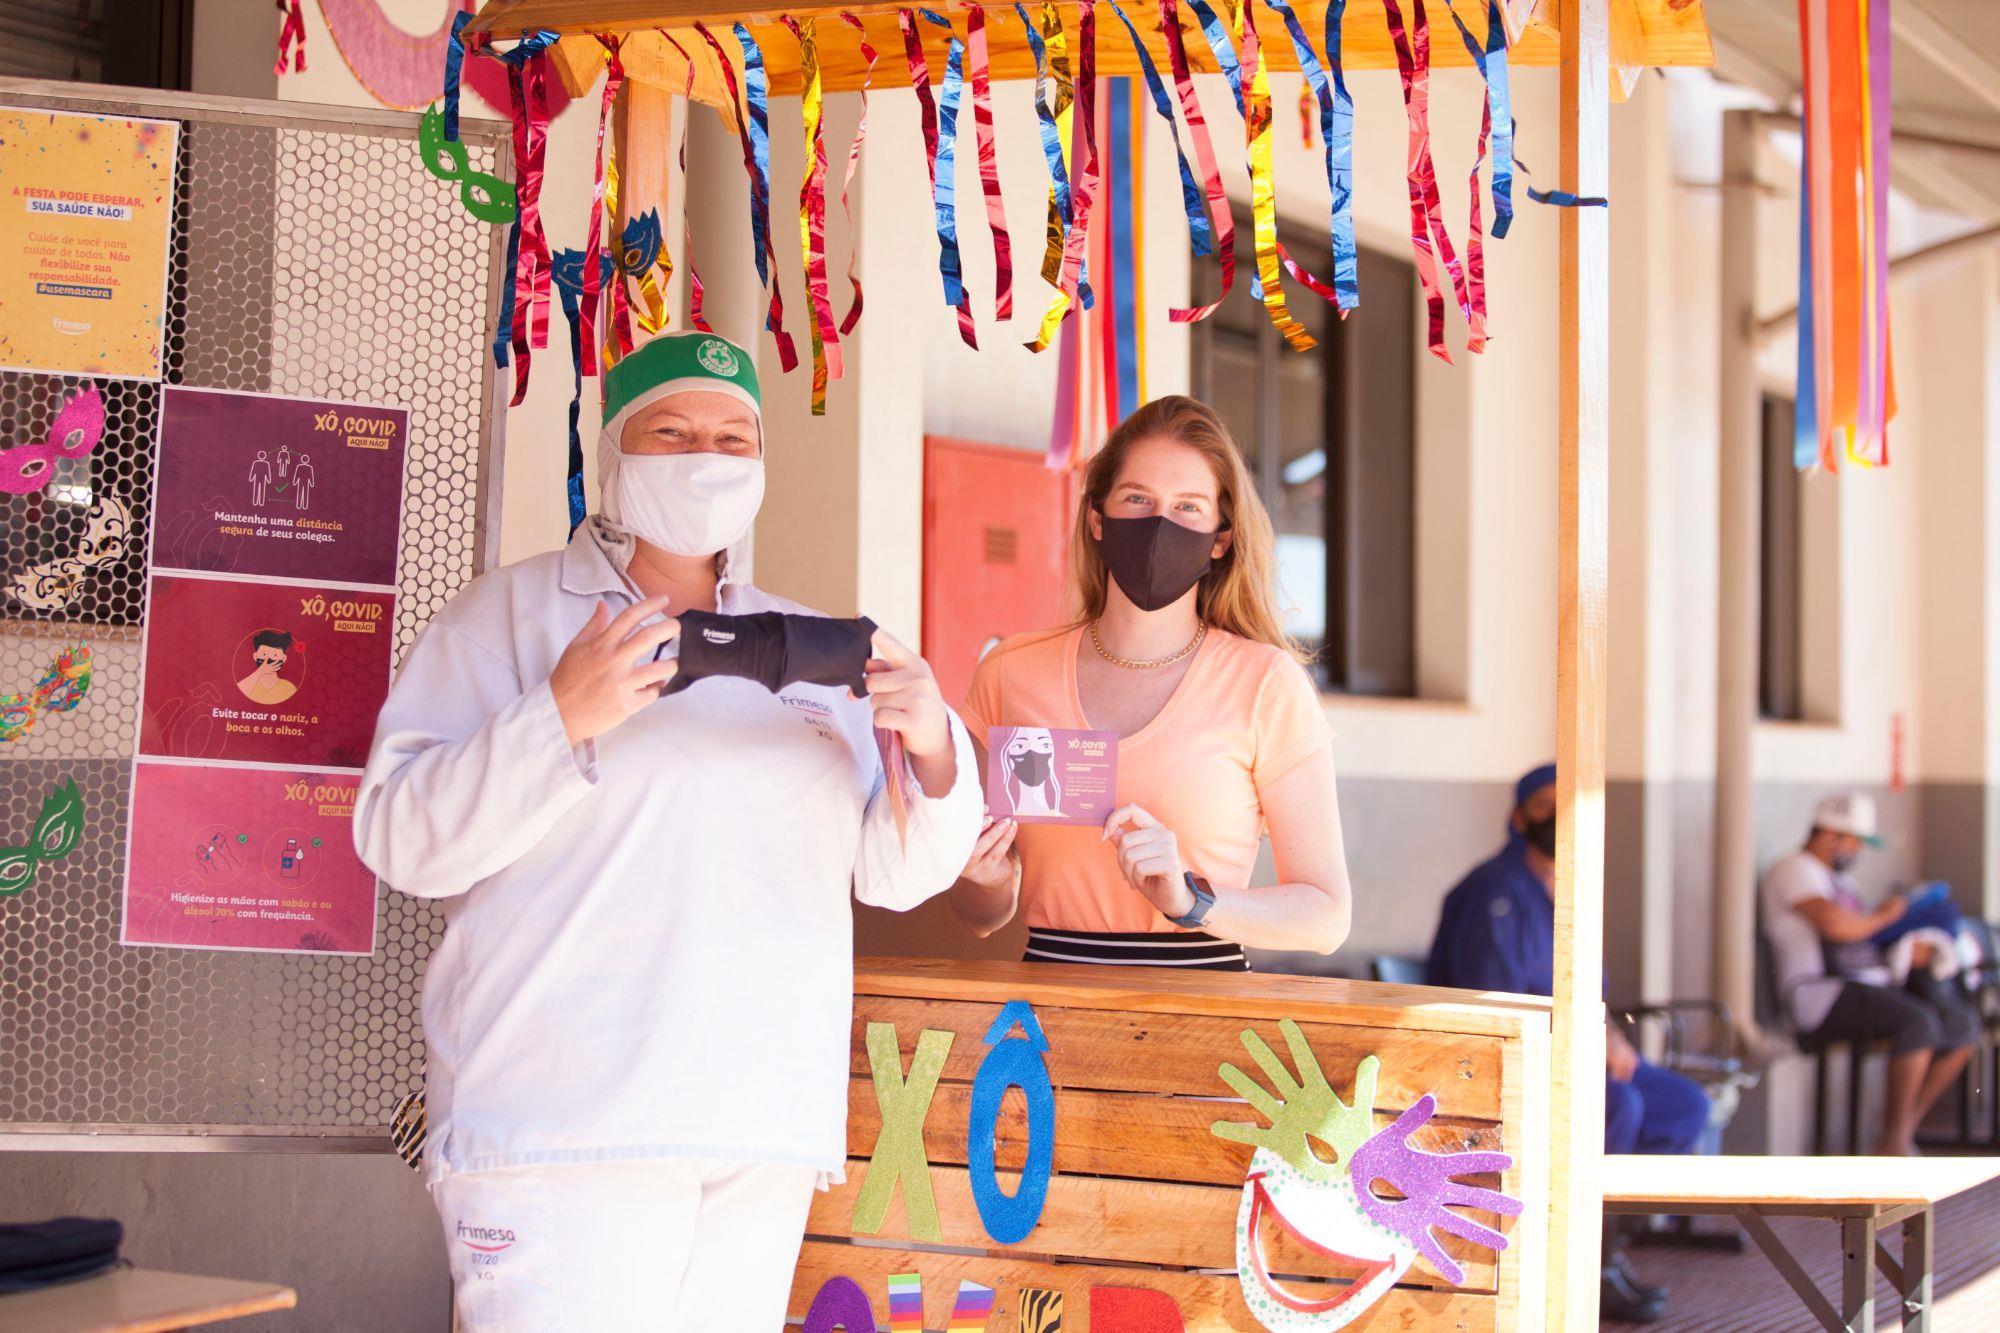 Frimesa promove ações no combate ao Coronavírus, Frimesa promove ações no combate ao Coronavírus